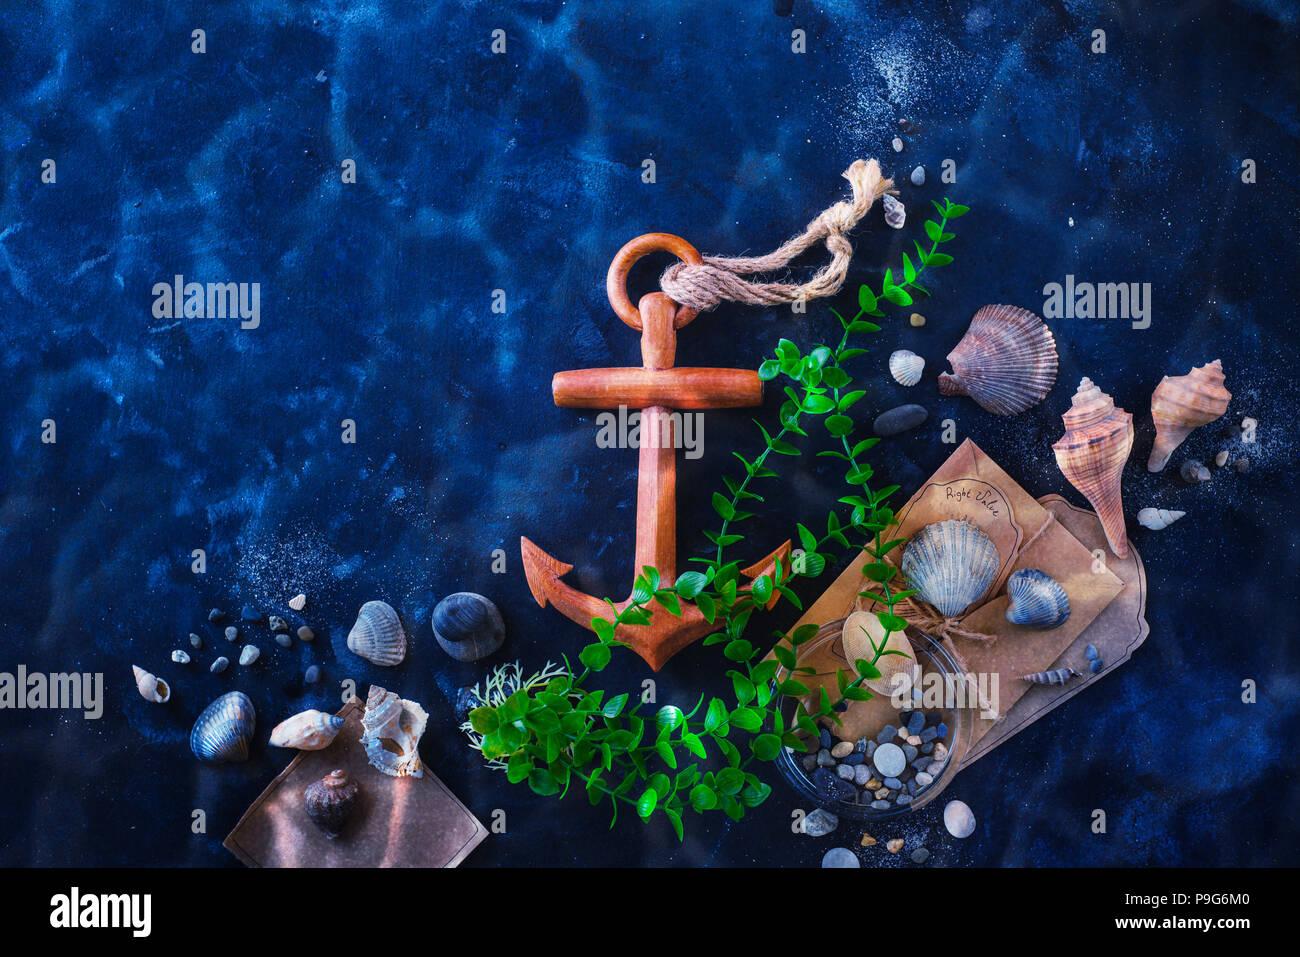 L'ancrage et l'algue dans une vie encore sous-marine sur un fond sombre avec de l'eau. Voyages en mer et plongée sous-marine concept avec copie espace Photo Stock